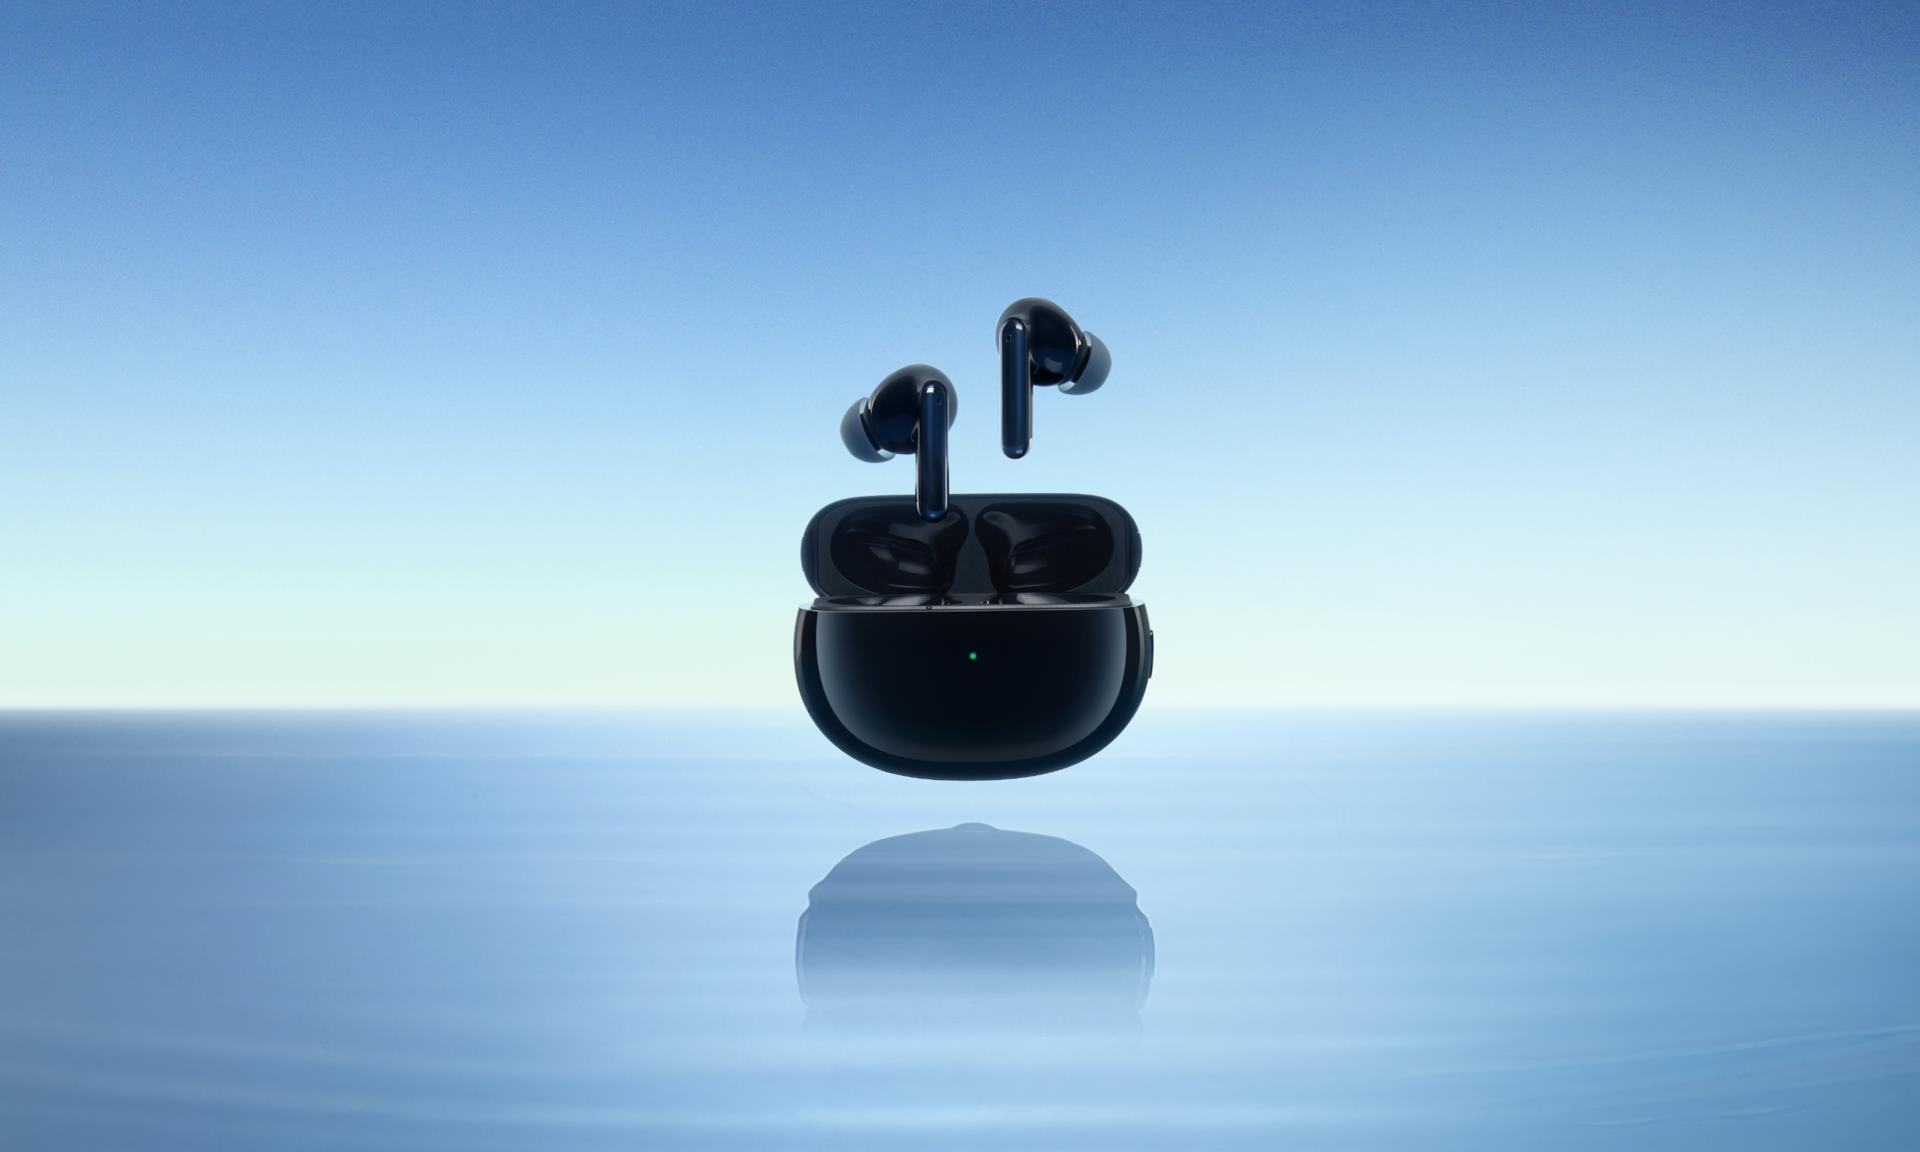 为什么那么多人喜欢真无线蓝牙耳机?答案在这,一分钟教你明白